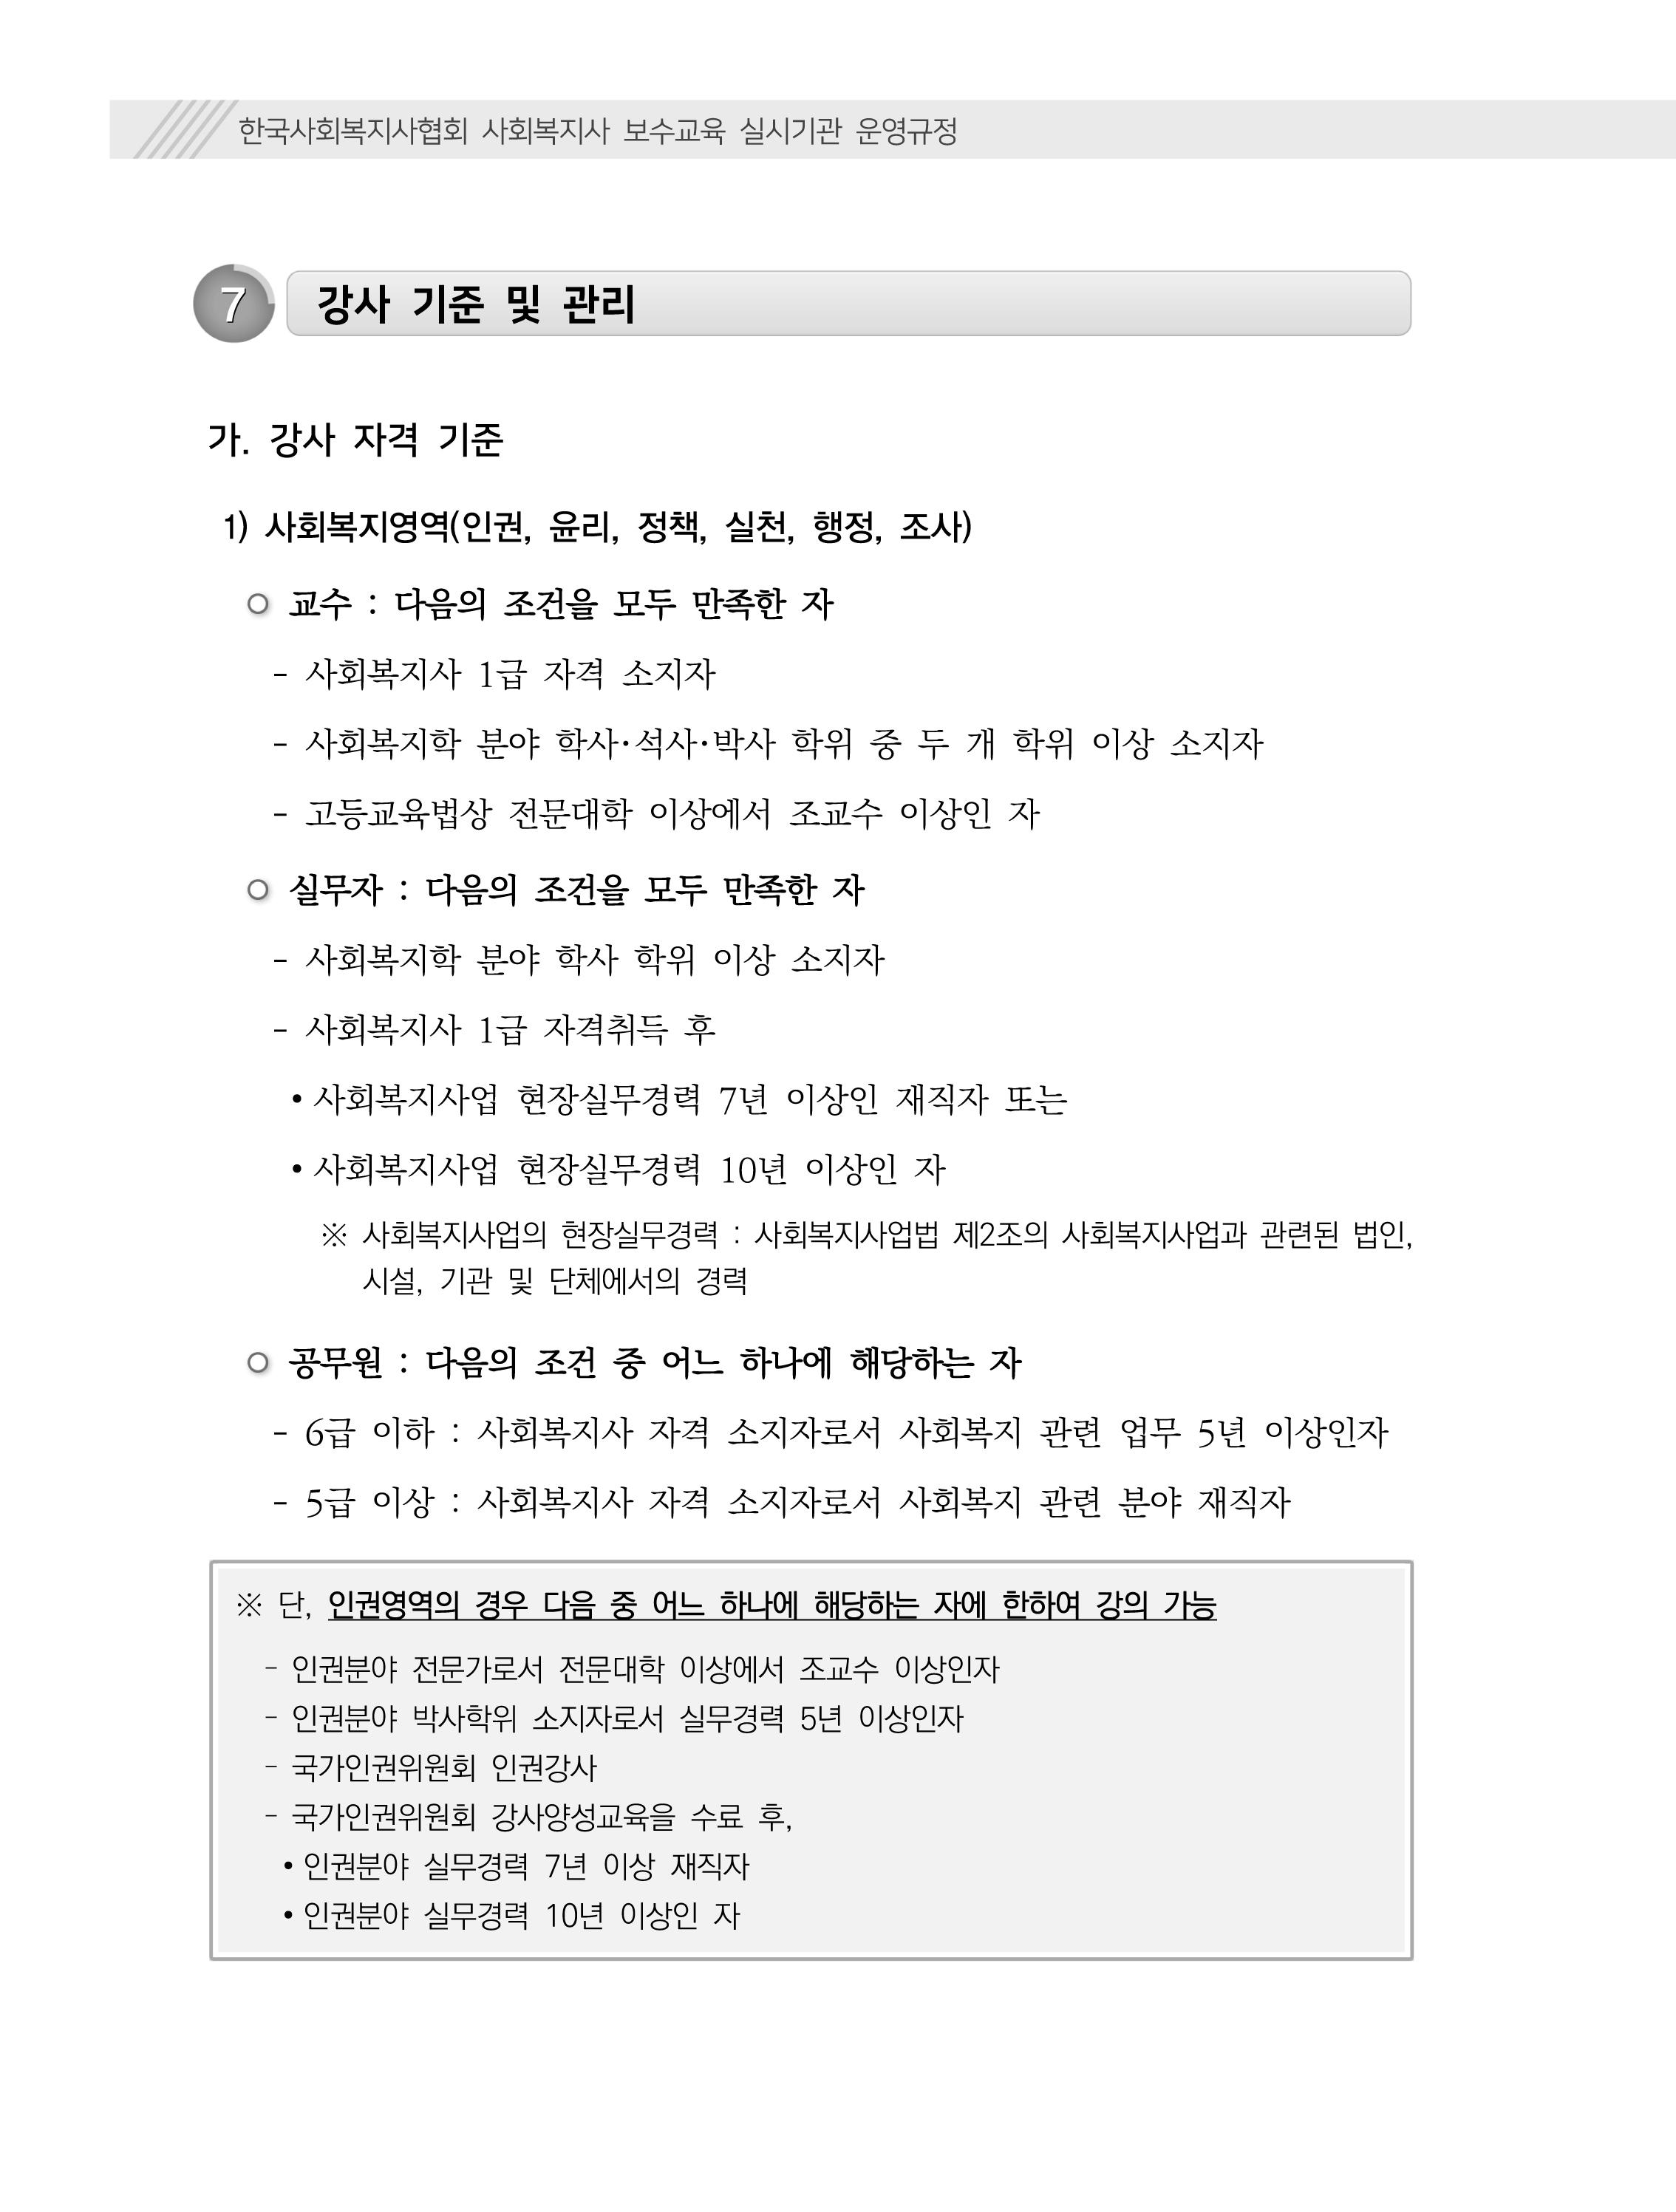 강사자격기준(1).jpg